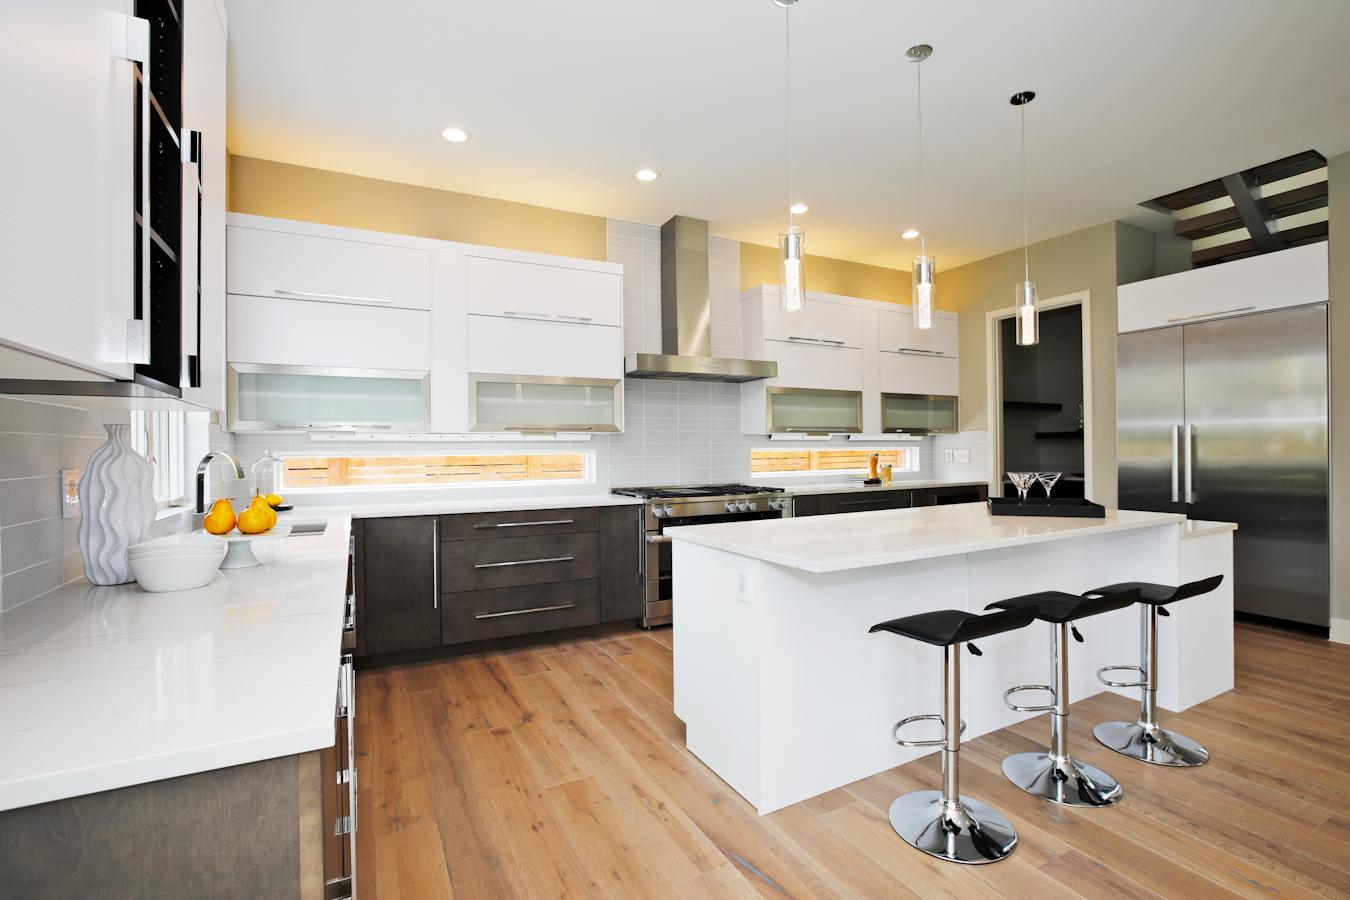 Kitchen Bellevue Modern Living.jpg